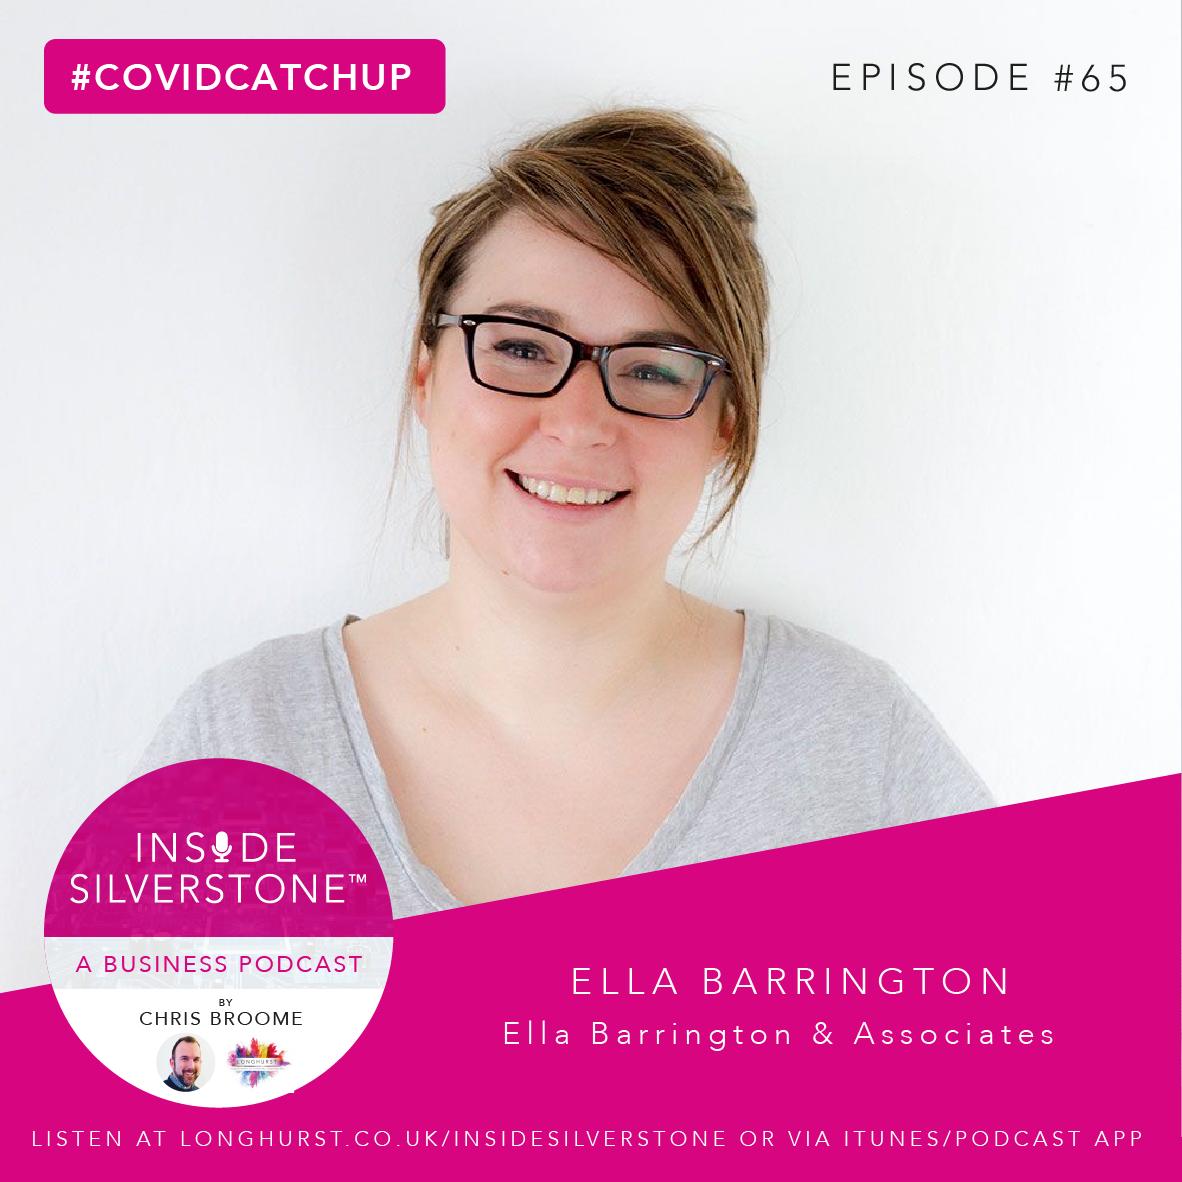 Ella Barrington - Ella Barrington & Associates